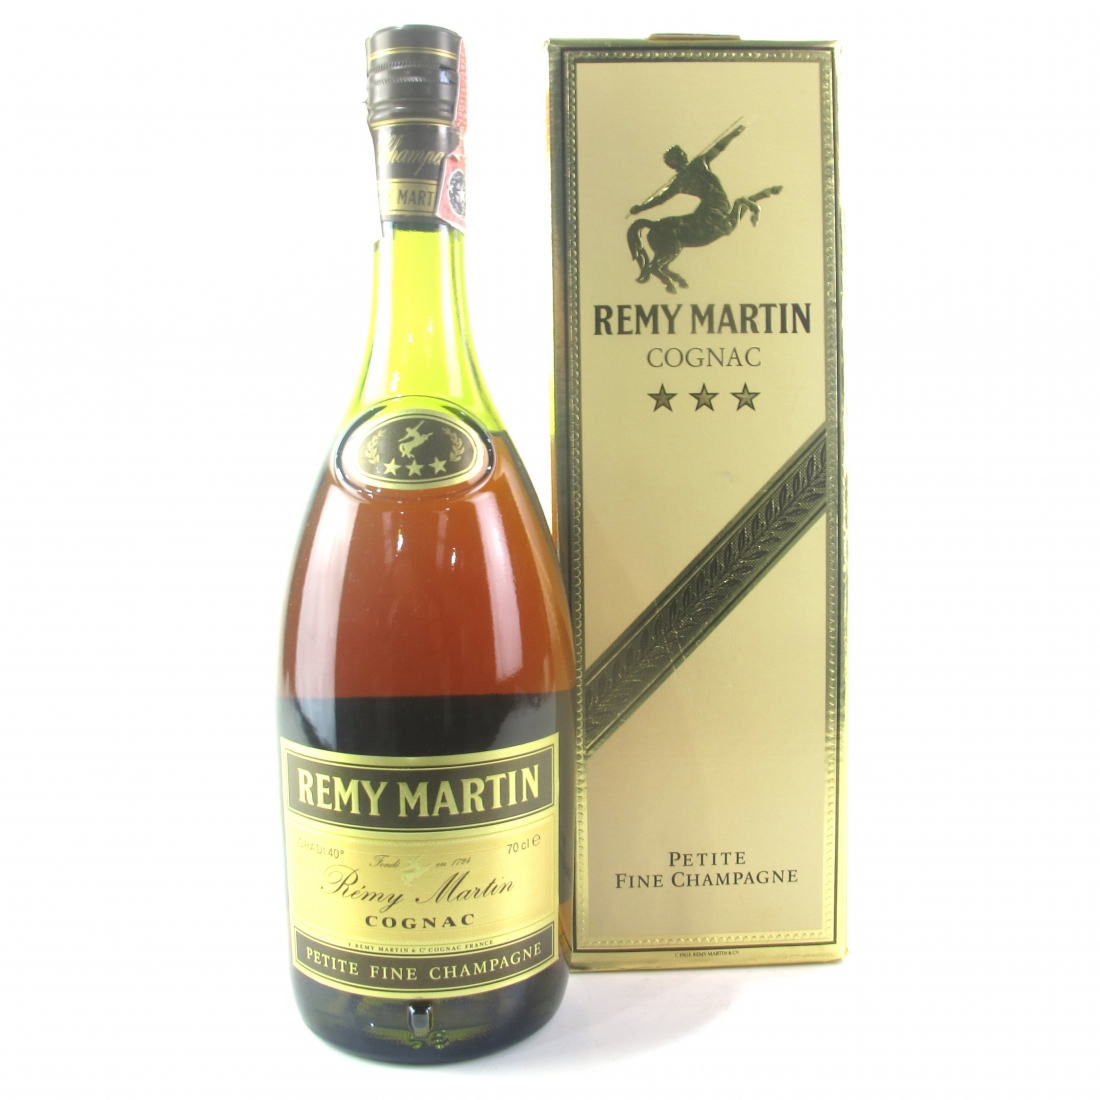 Remy Martin Three Star Petite Fine Champagne Cognac